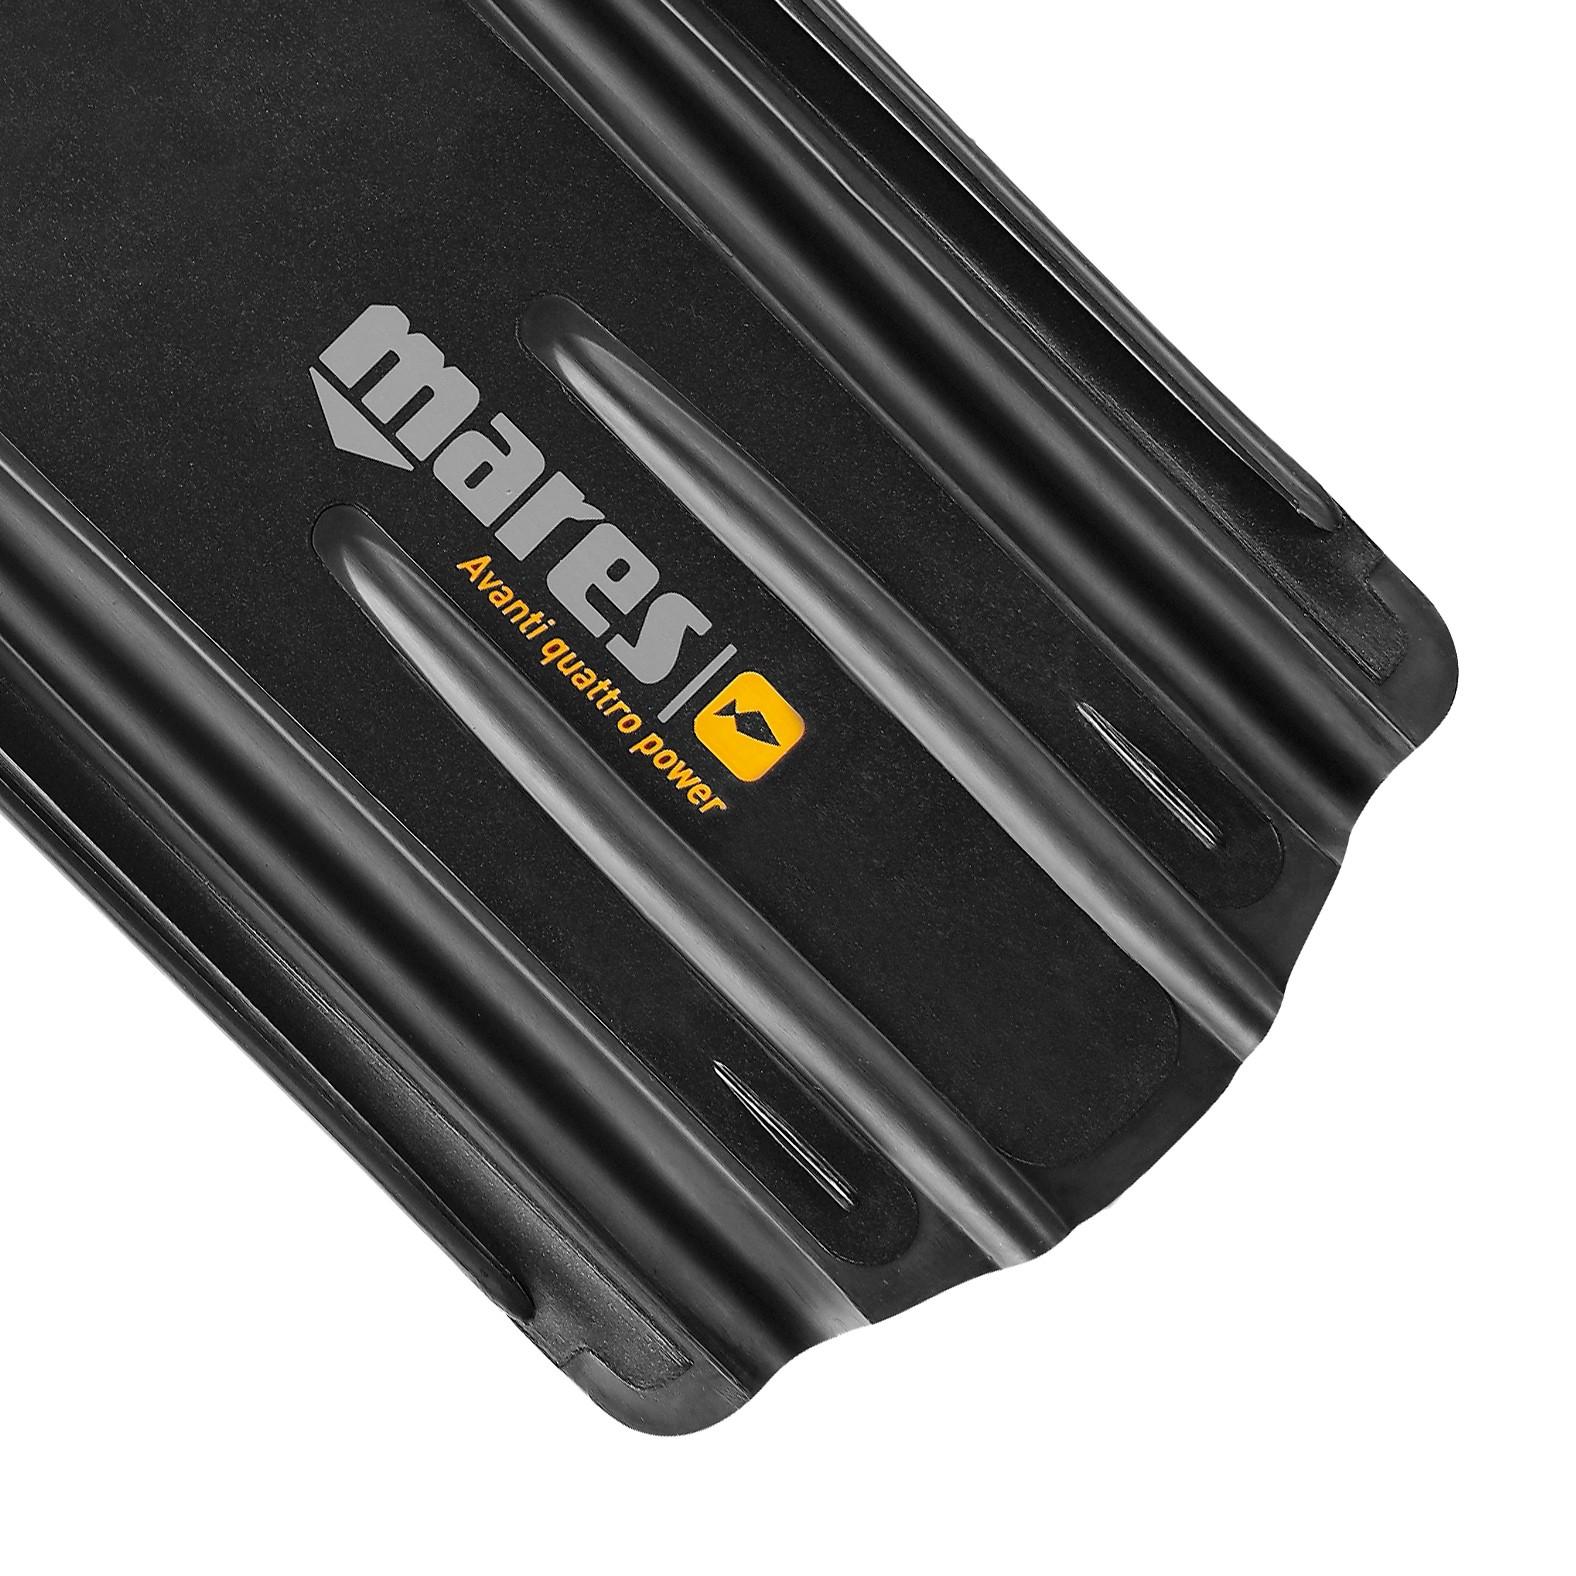 Mares Quattro Power Scuba Fins - Full Foot Tip